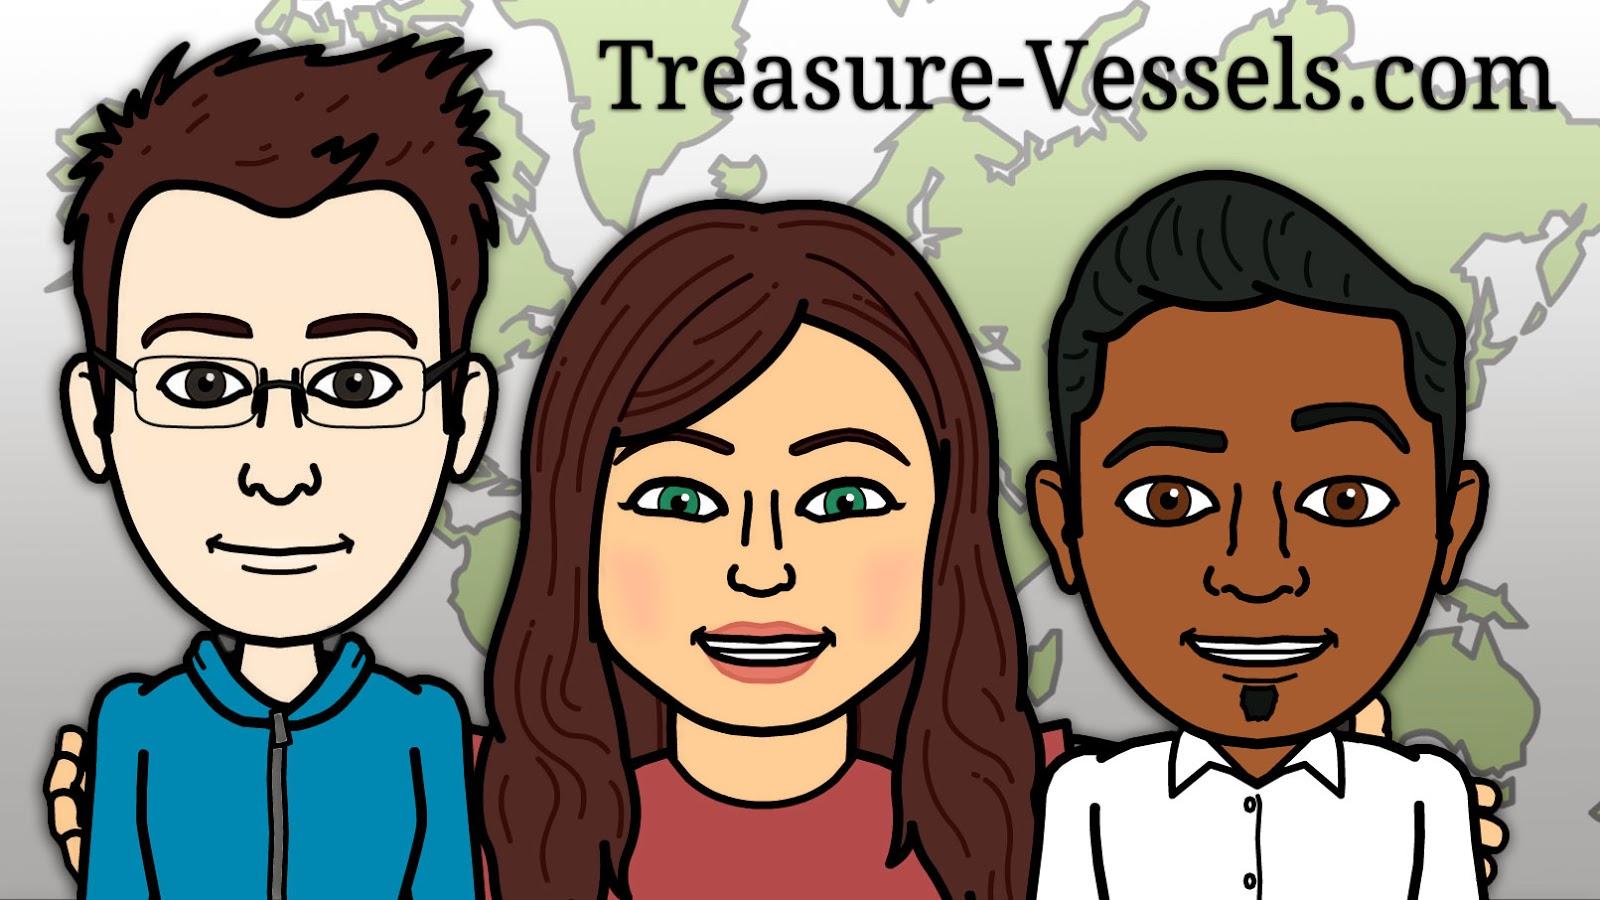 Treasure-Vessels Team